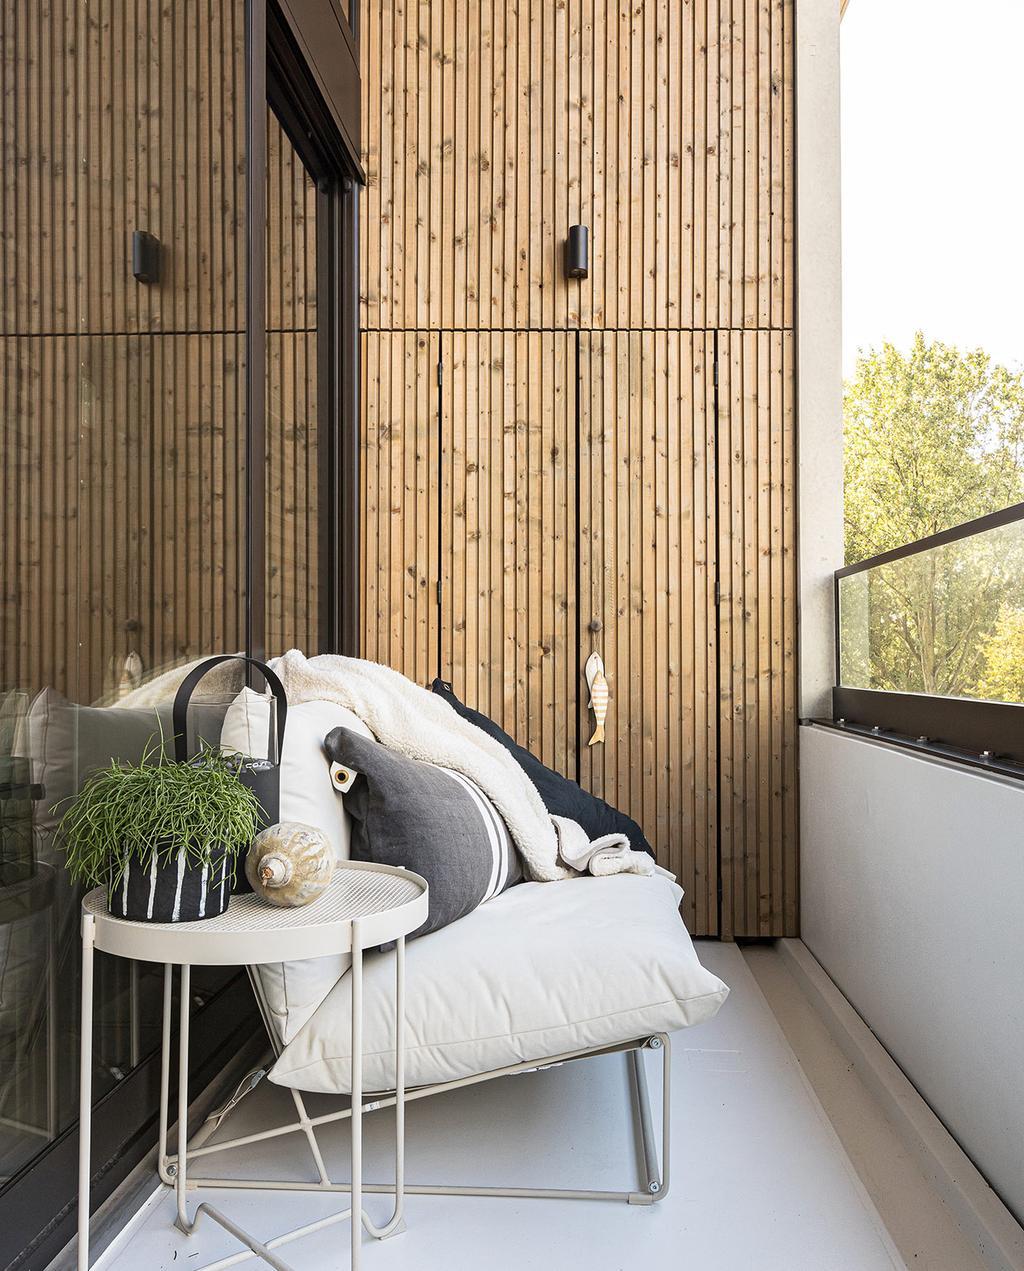 vtwonen 04-2021 | balkon met bank buiten